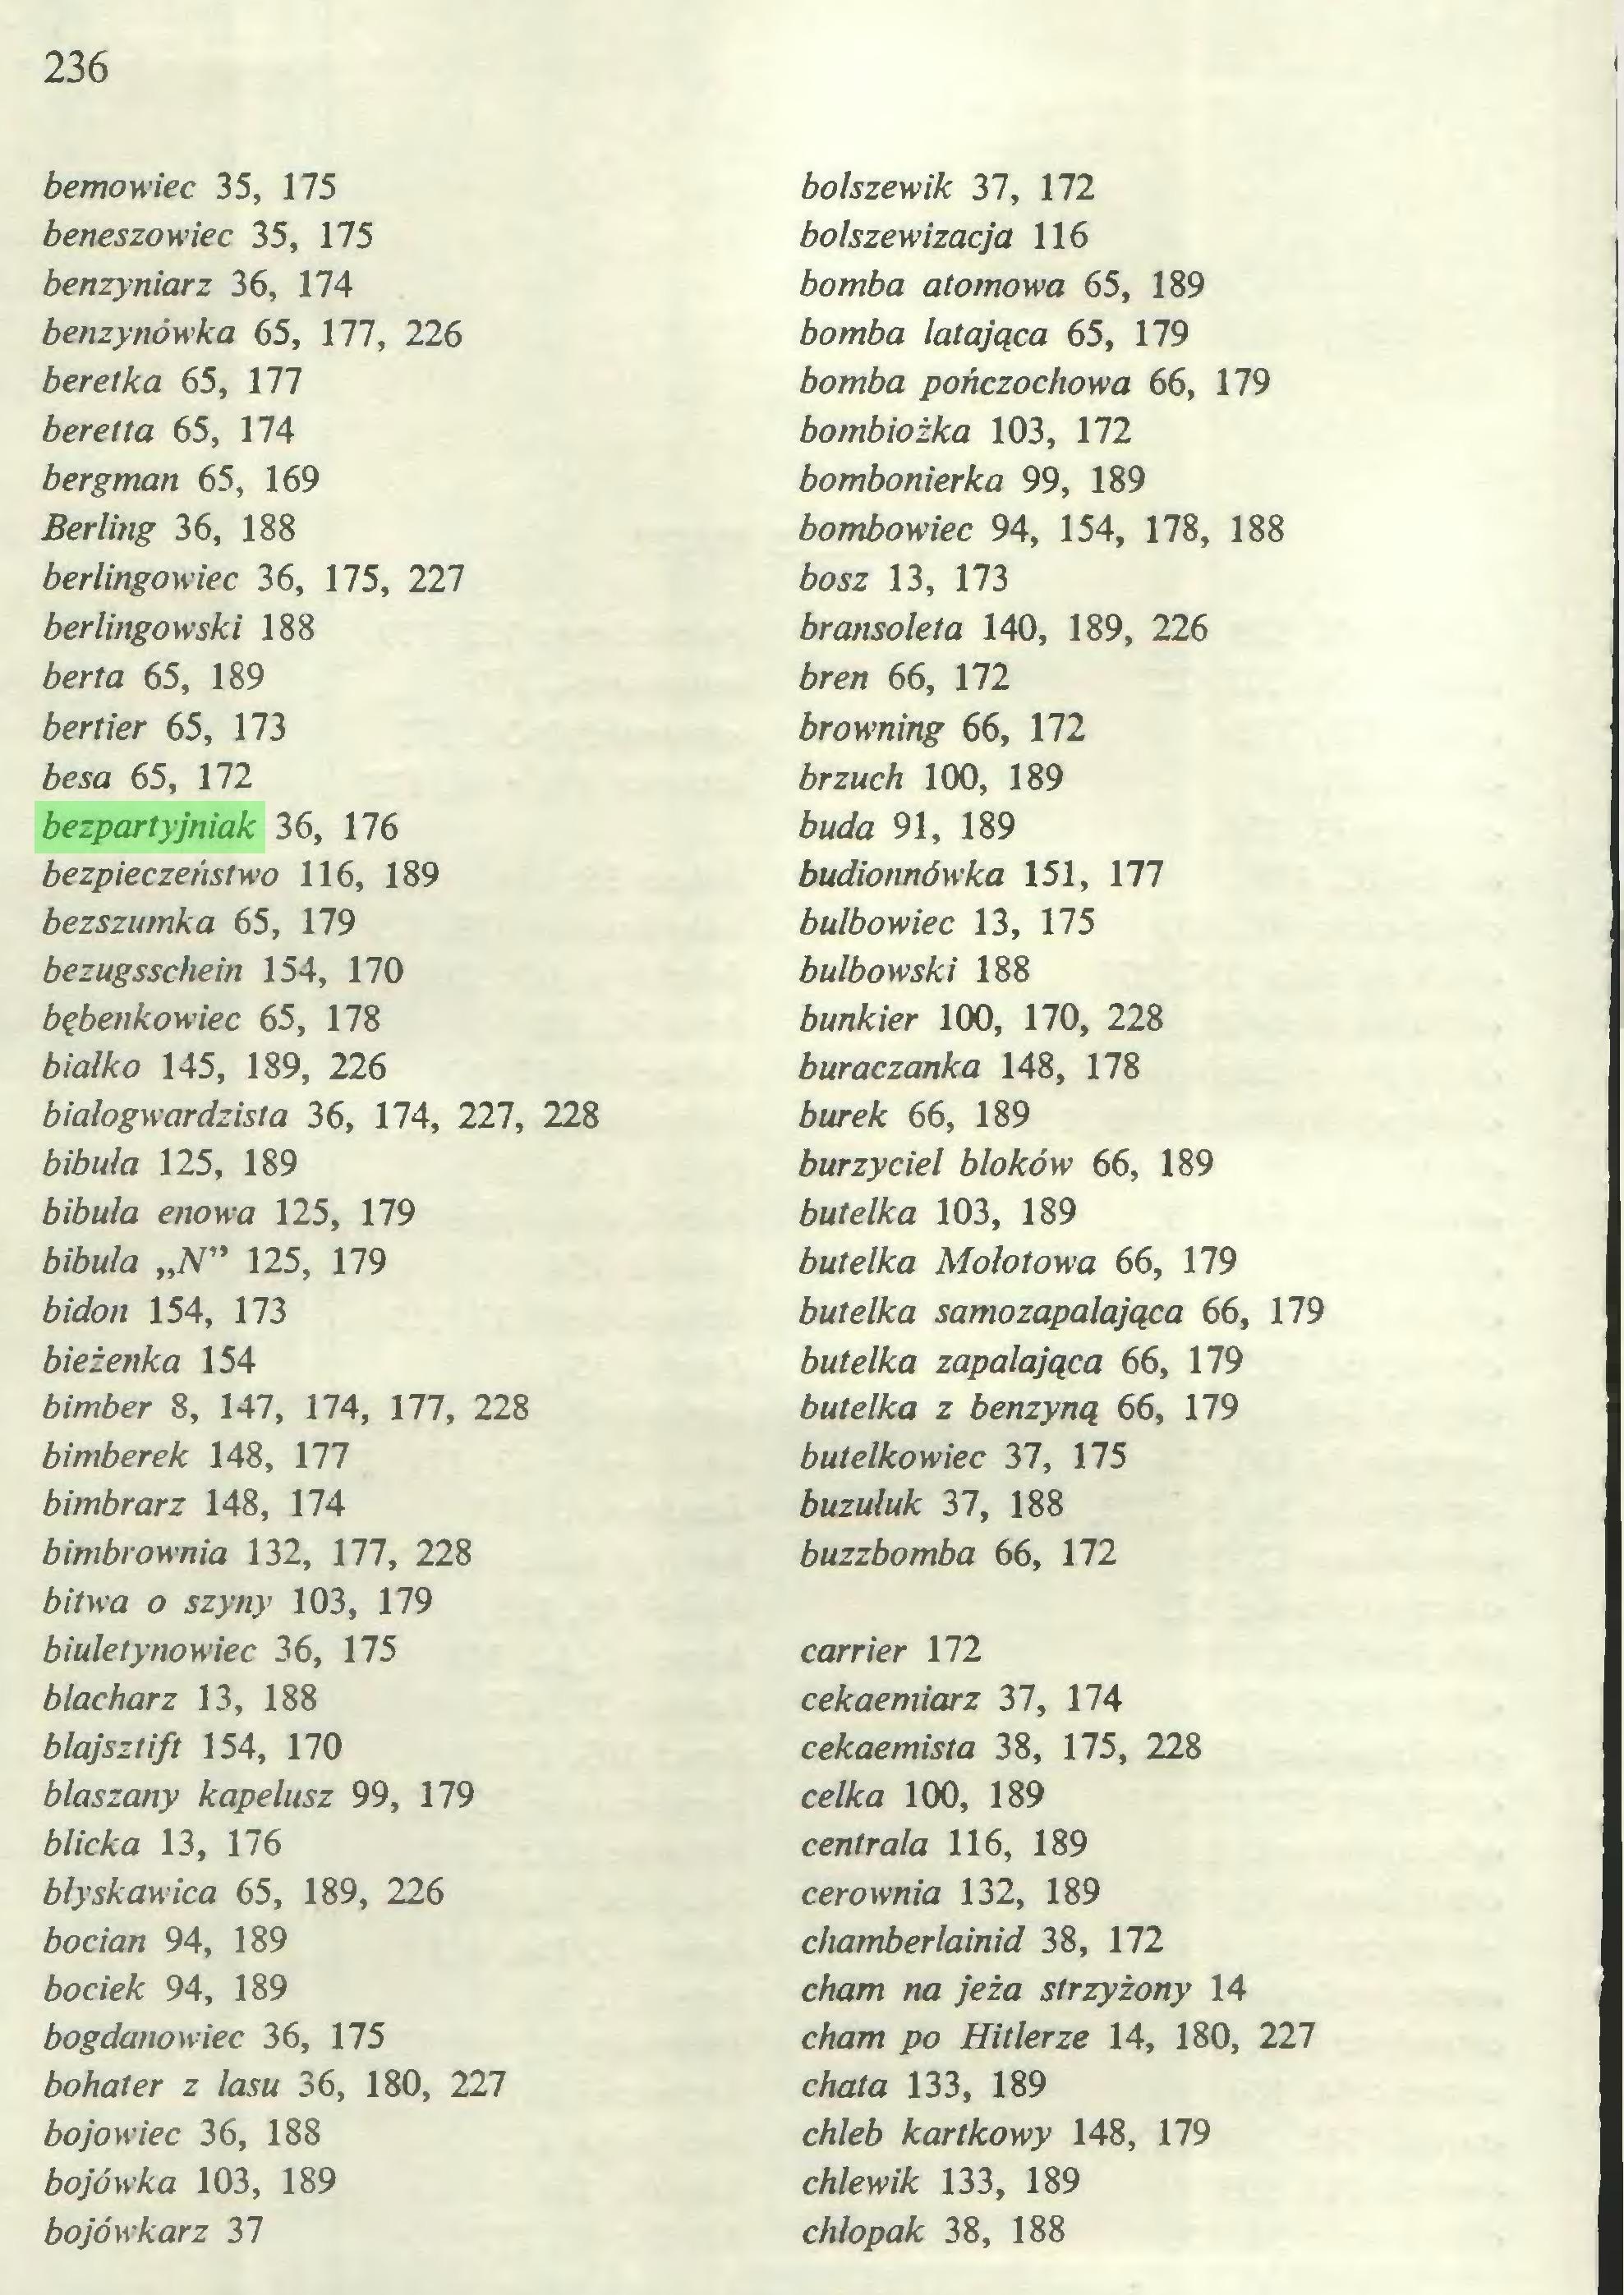 """(...) 236 l bemowiec 35, 175 beneszowiec 35, 175 benzyniarz 36, 174 benzynówka 65, 177, 226 beretka 65, 177 beretta 65, 174 bergman 65, 169 Berling 36, 188 berlingowiec 36, 175, 227 berlingowski 188 berta 65, 189 bertier 65, 173 besa 65, 172 bezpartyjniak 36, 176 bezpieczeństwo 116, 189 bezszumka 65, 179 bezugsschein 154, 170 bębenkowiec 65, 178 białko 145, 189, 226 białogwardzista 36, 174, 227, 228 bibuła 125, 189 bibuła enowa 125, 179 bibuła """"N"""" 125, 179 bidon 154, 173 bieżenka 154 bimber 8, 147, 174, 177, 228 bimberek 148, 177 bimbrarz 148, 174 bimbrownia 132, 177, 228 bitwa o szyny 103, 179 biuletynowiec 36, 175 blacharz 13, 188 błajsztift 154, 170 blaszany kapelusz 99, 179 blicka 13, 176 błyskawica 65, 189, 226 bocian 94, 189 bociek 94, 189 bogdanowiec 36, 175 bohater z lasu 36, 180, 227 bojowiec 36, 188 bojówka 103, 189 bojówkarz 37 bolszewik 37, 172 bolszewizacja 116 bomba atomowa 65, 189 bomba latająca 65, 179 bomba pończochowa 66, 179 bombiożka 103, 172 bombonierka 99, 189 bombowiec 94, 154, 178, 188 bosz 13, 173 bransoleta 140, 189, 226 bren 66, 172 browning 66, 172 brzuch 100, 189 buda 91, 189 budionnówka 151, 177 bulbowiec 13, 175 bulbowski 188 bunkier 100, 170, 228 buraczanka 148, 178 burek 66, 189 burzyciel bloków 66, 189 butelka 103, 189 butelka Mołotowa 66, 179 butelka samozapalająca 66, 179 butelka zapalająca 66, 179 butelka z benzyną 66, 179 butelkowiec 37, 175 buzułuk 37, 188 buzzbomba 66, 172 carrier 172 cekaemiarz 37, 174 cekaemista 38, 175, 228 celka 100, 189 centrala 116, 189 cerownia 132, 189 chamberlainid 38, 172 cham na jeża strzyżony 14 cham po Hitlerze 14, 180, 227 chata 133, 189 chleb kartkowy 148, 179 chlewik 133, 189 chłopak 38, 188..."""